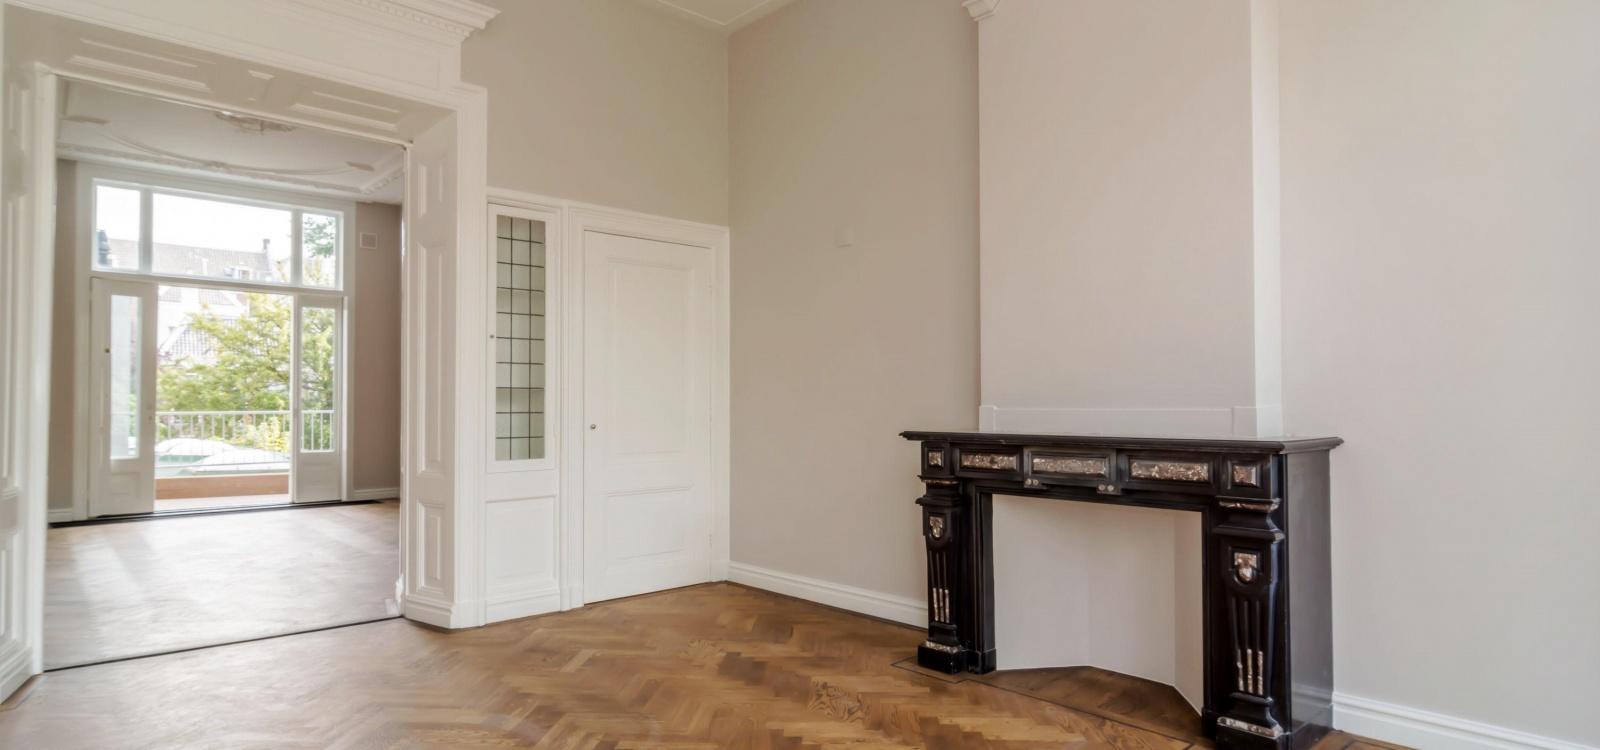 Keizersgracht,Netherlands 1017DP,1 Bedroom Bedrooms,1 BathroomBathrooms,Apartment,Keizersgracht ,1,1455